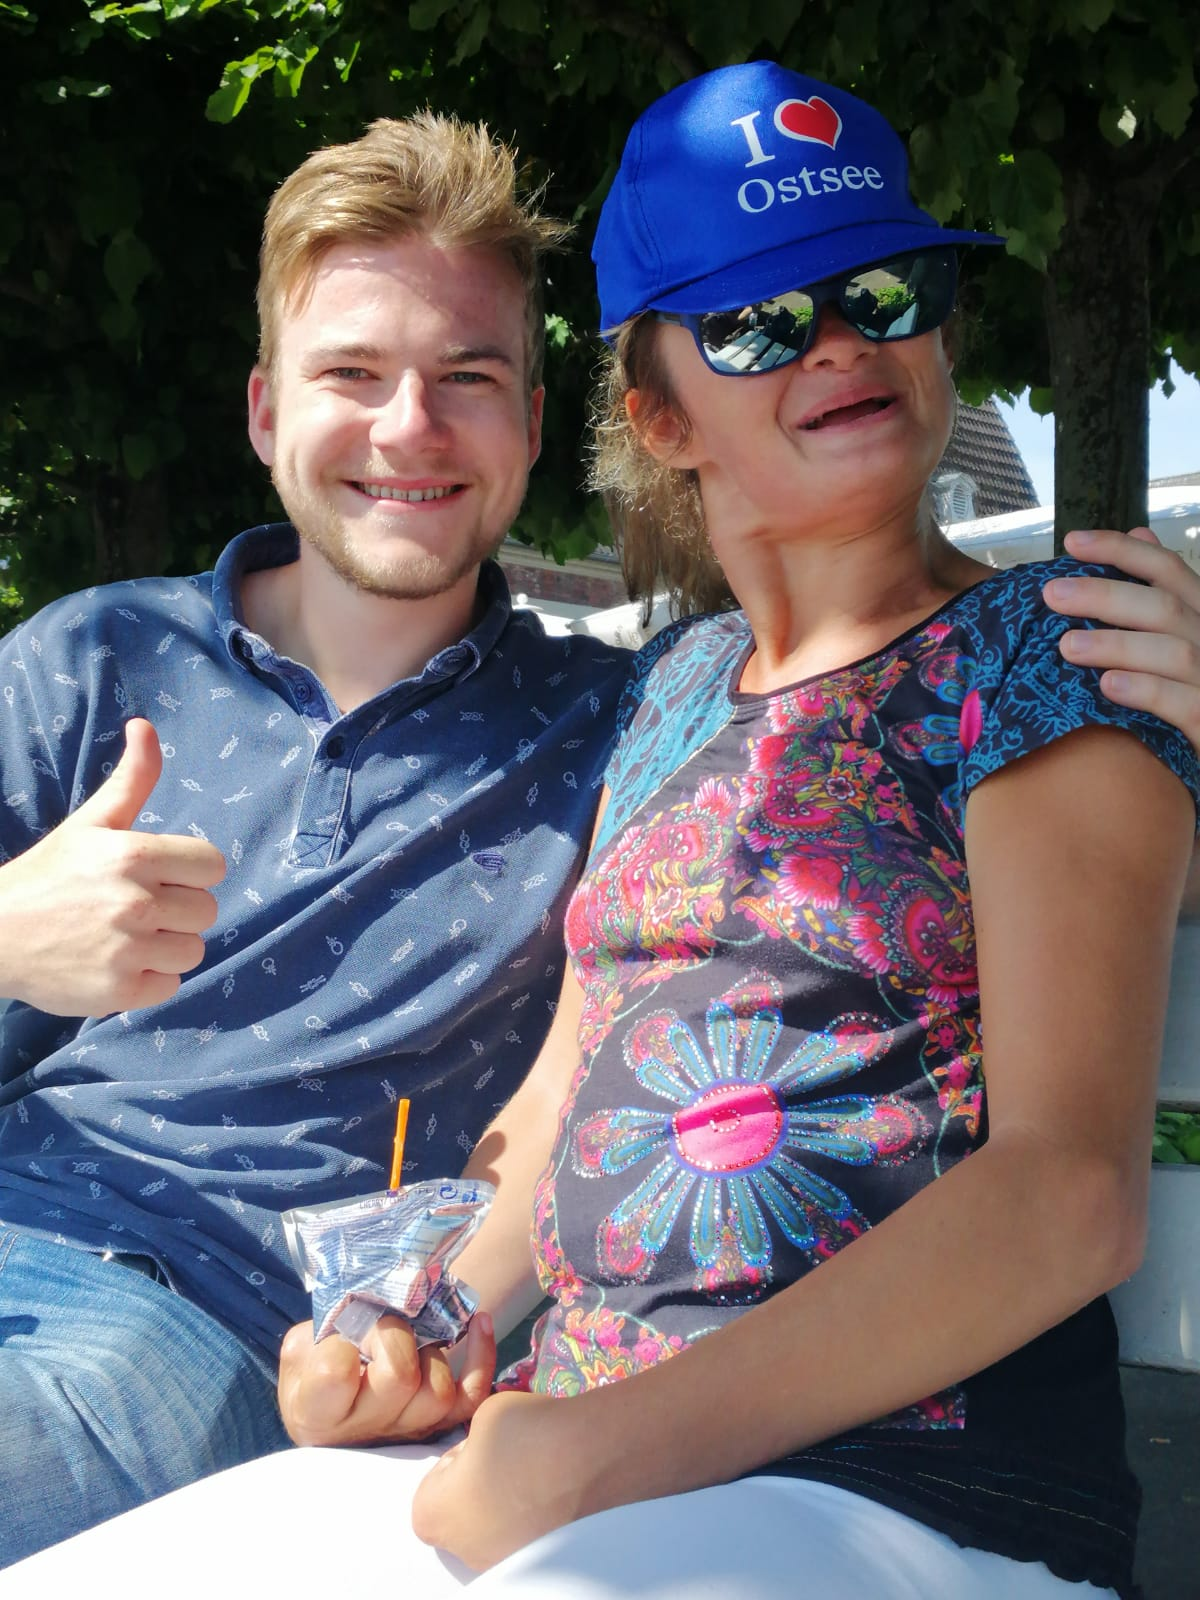 Foto von Jakob Ruch und einer Person mit blauer Kappe und Sonnenbrille.